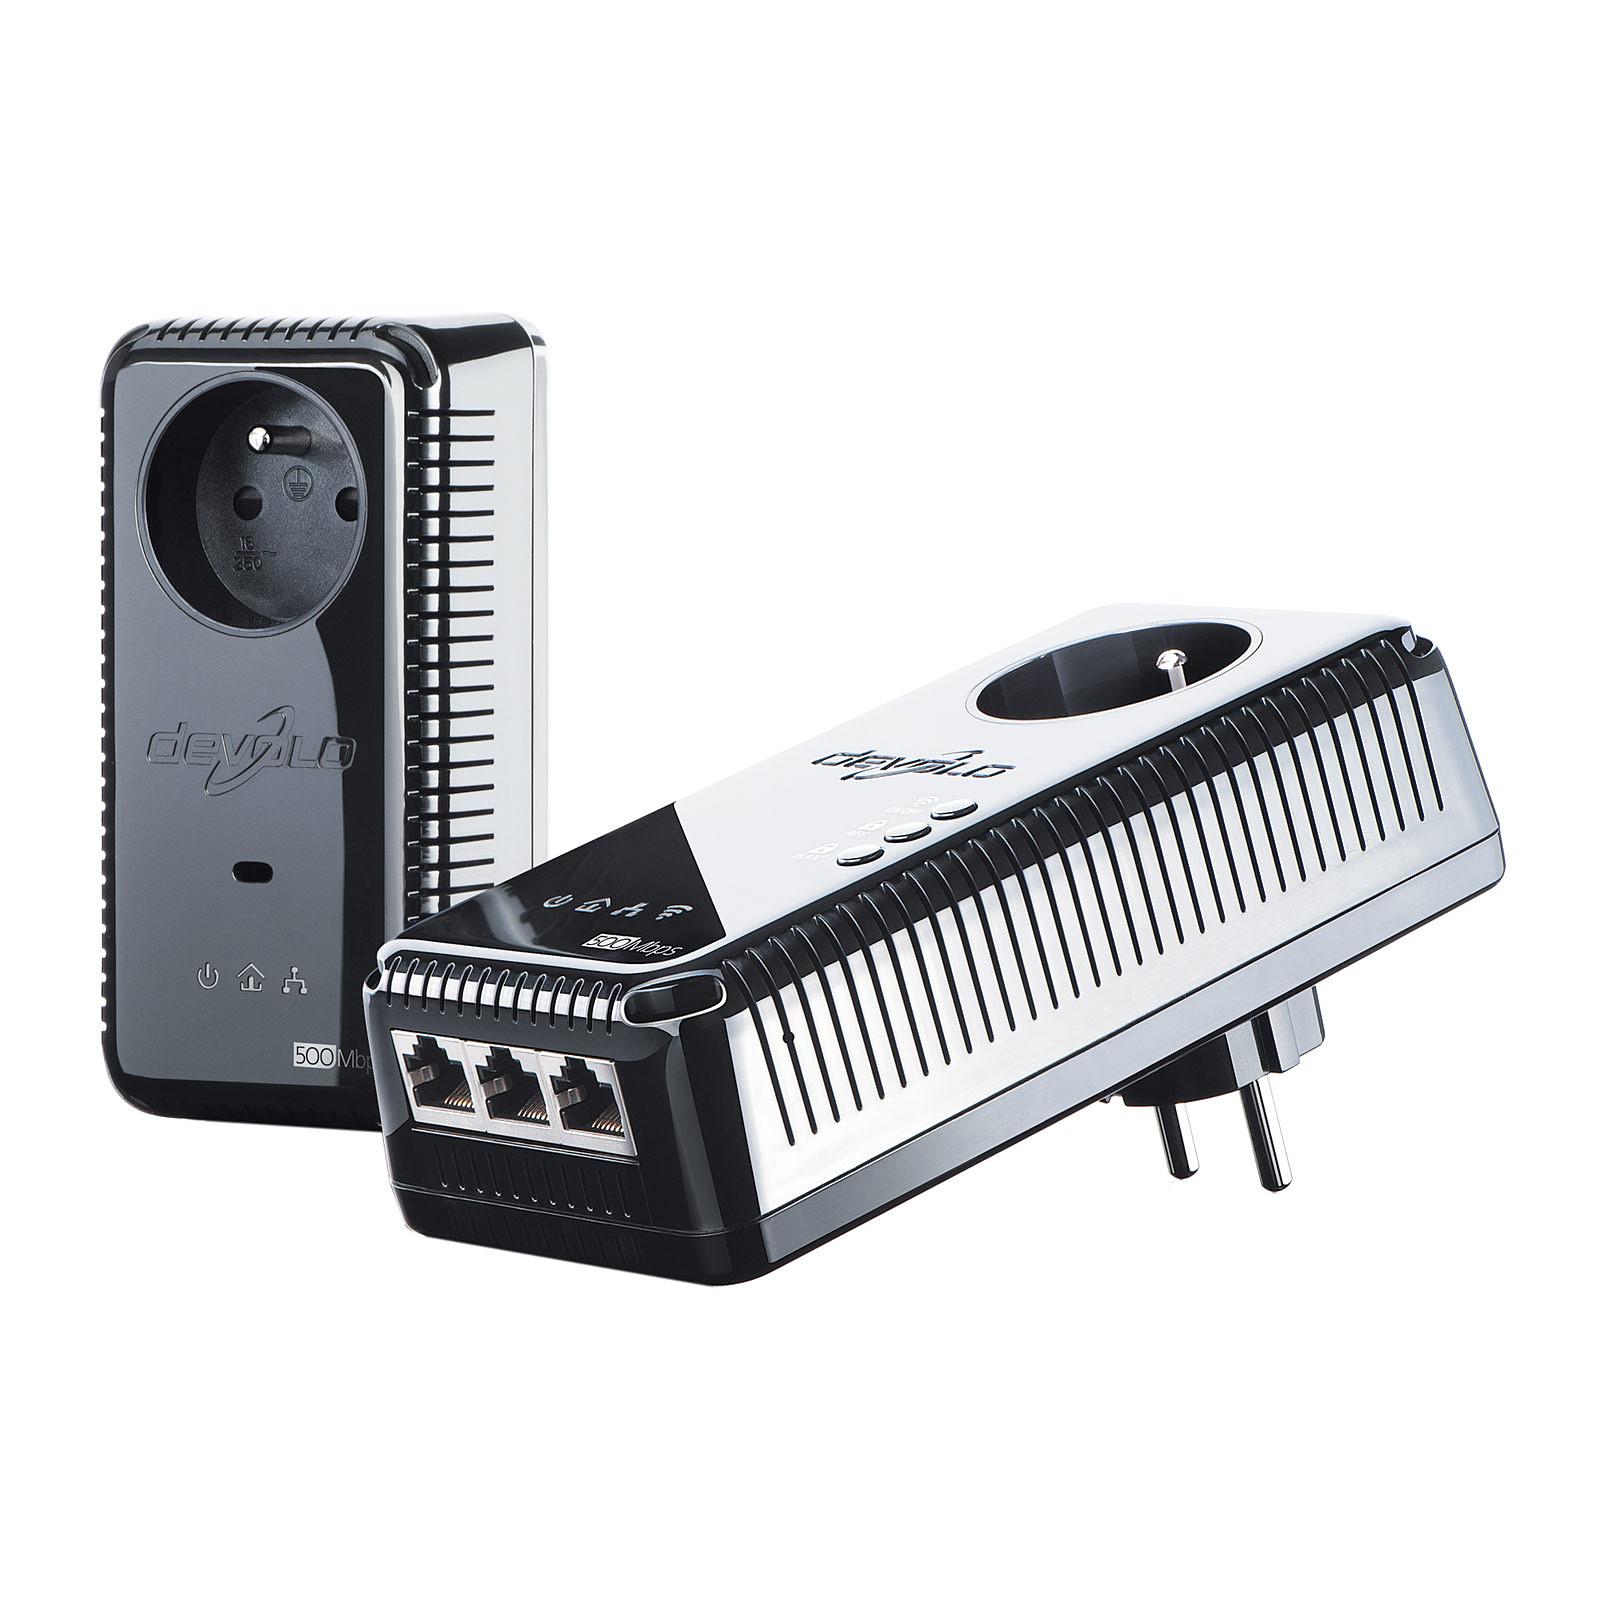 Devolo dLAN pro 500 Wireless+ Starter Kit